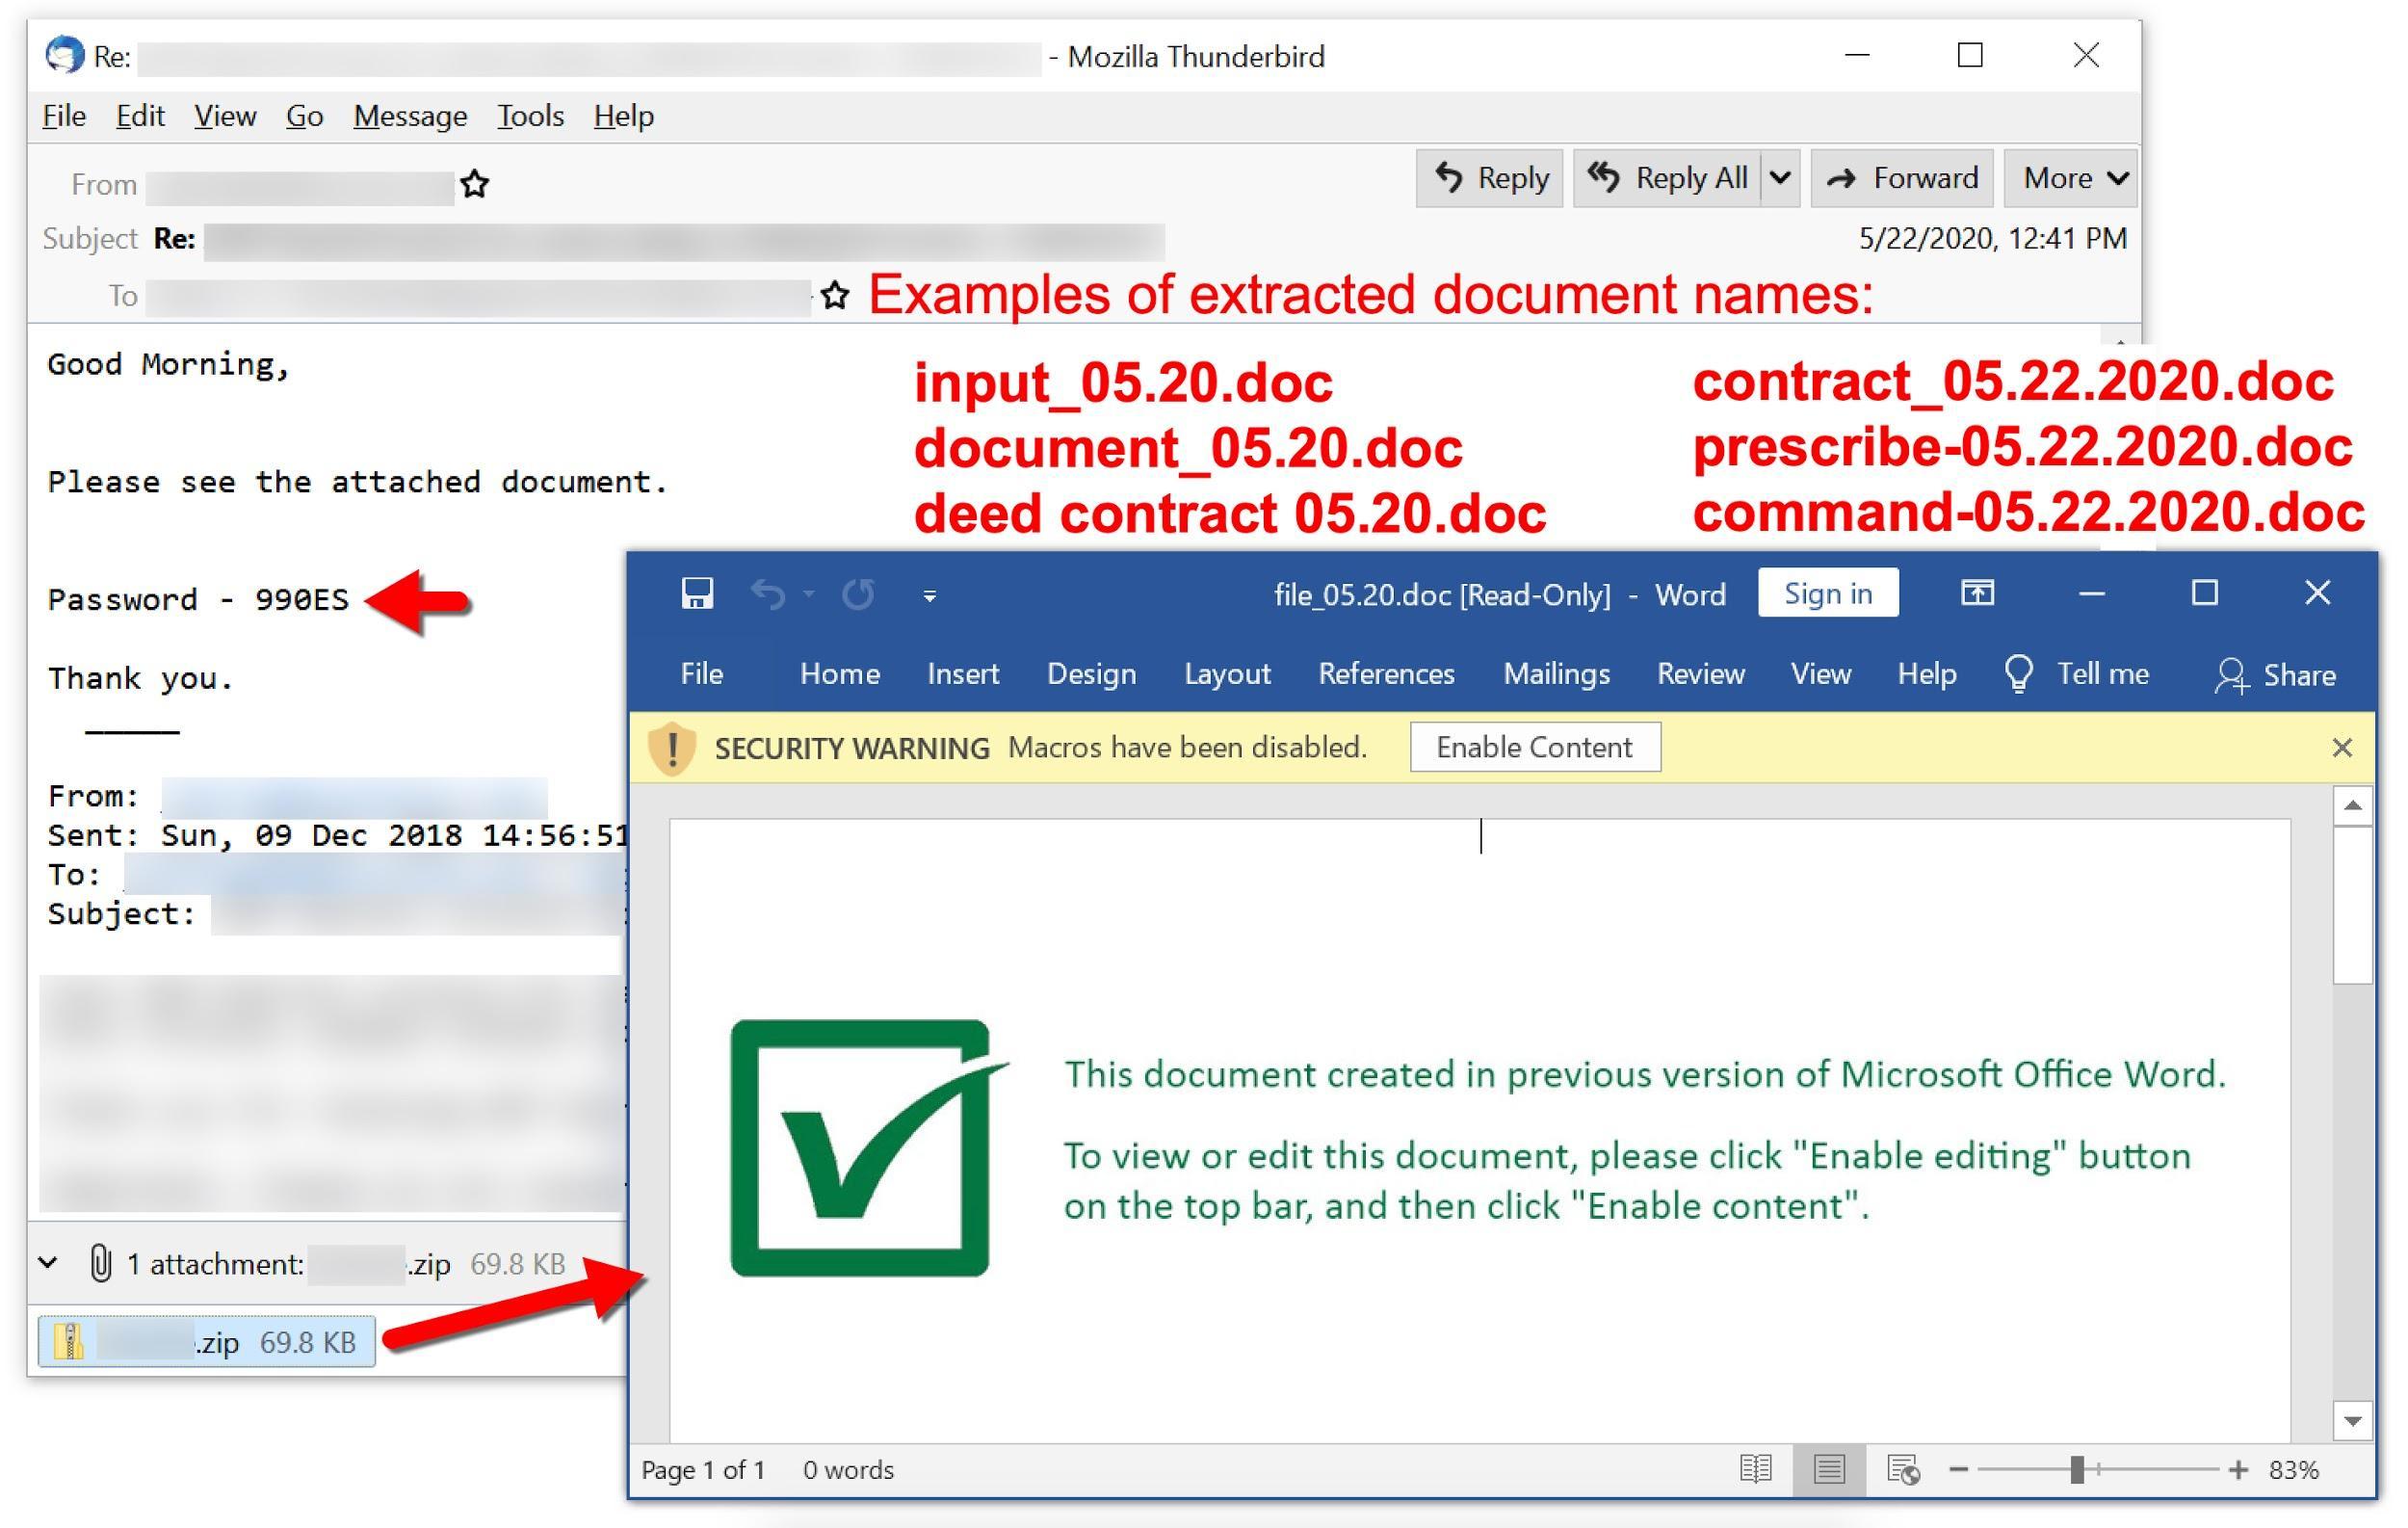 2020年5月のマルスパムには、input_05.20.doc、document_05.20.doc、deed Contract 05.20.doc、contract_05.22.2020.doc、prescribe-05.22.2020.doc、command-05.22.2020.docなどのドキュメント名が含まれています。